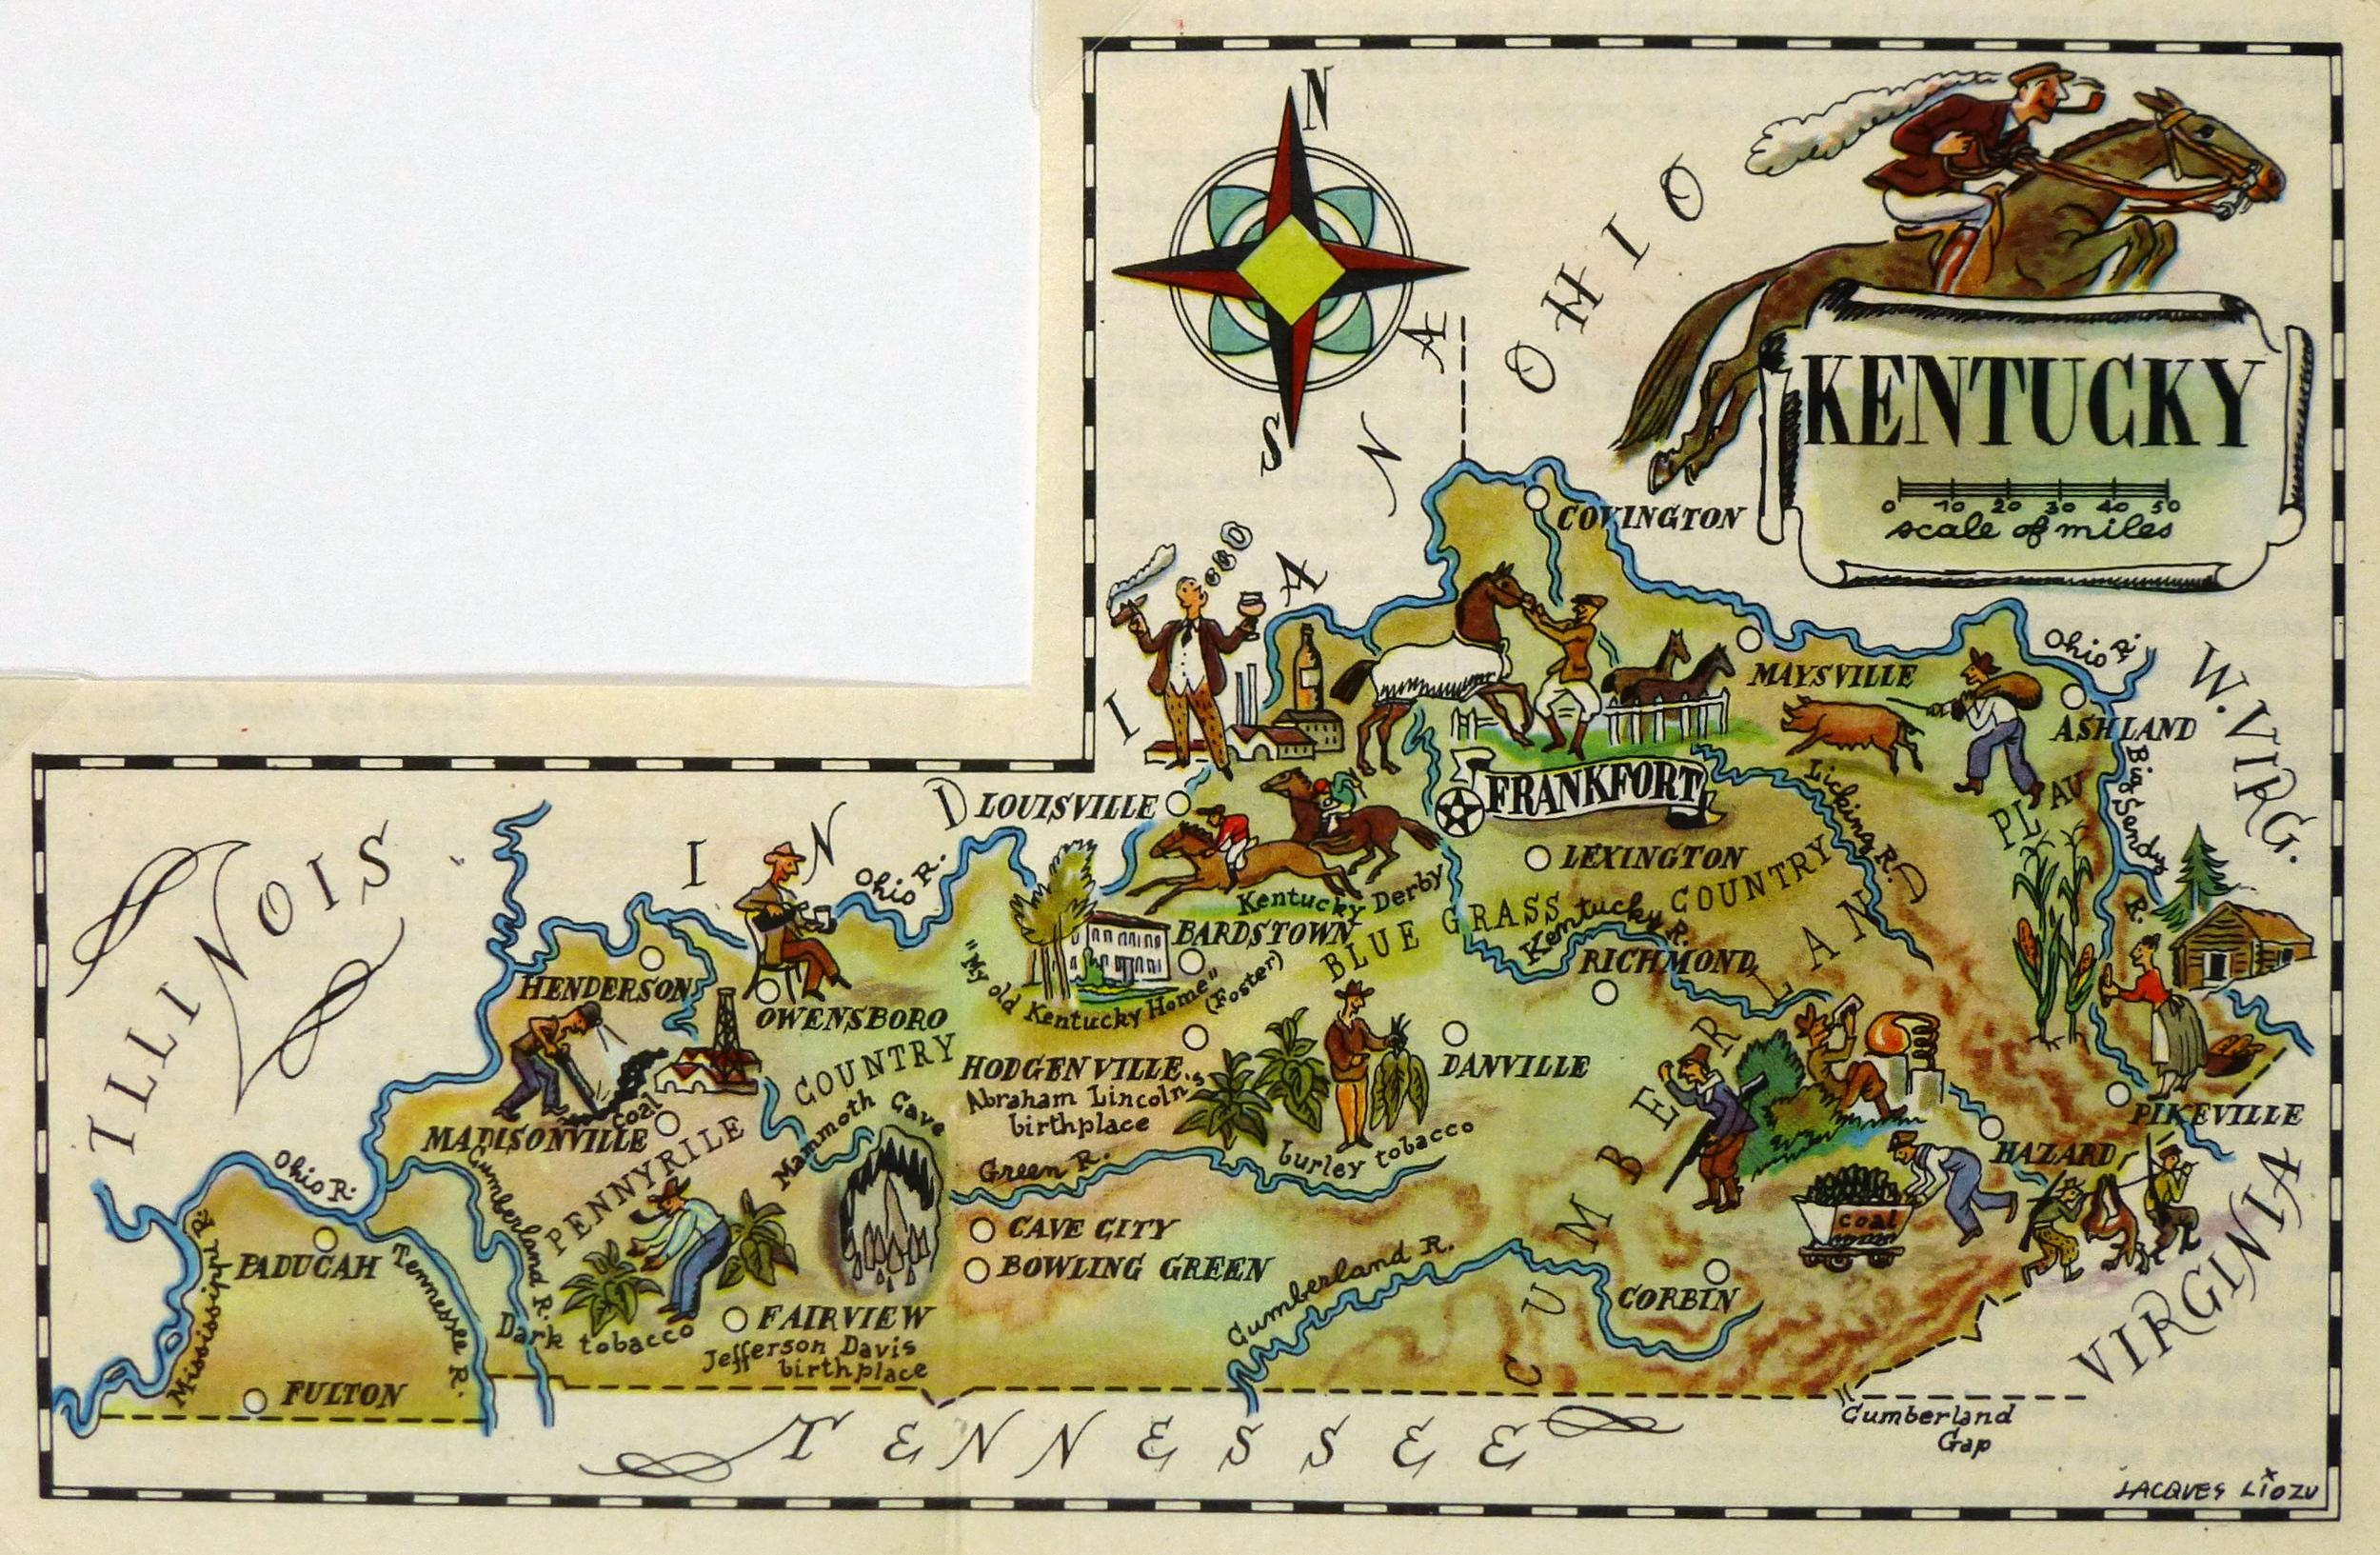 Kentucky Pictorial Map, 1946-main-6262K